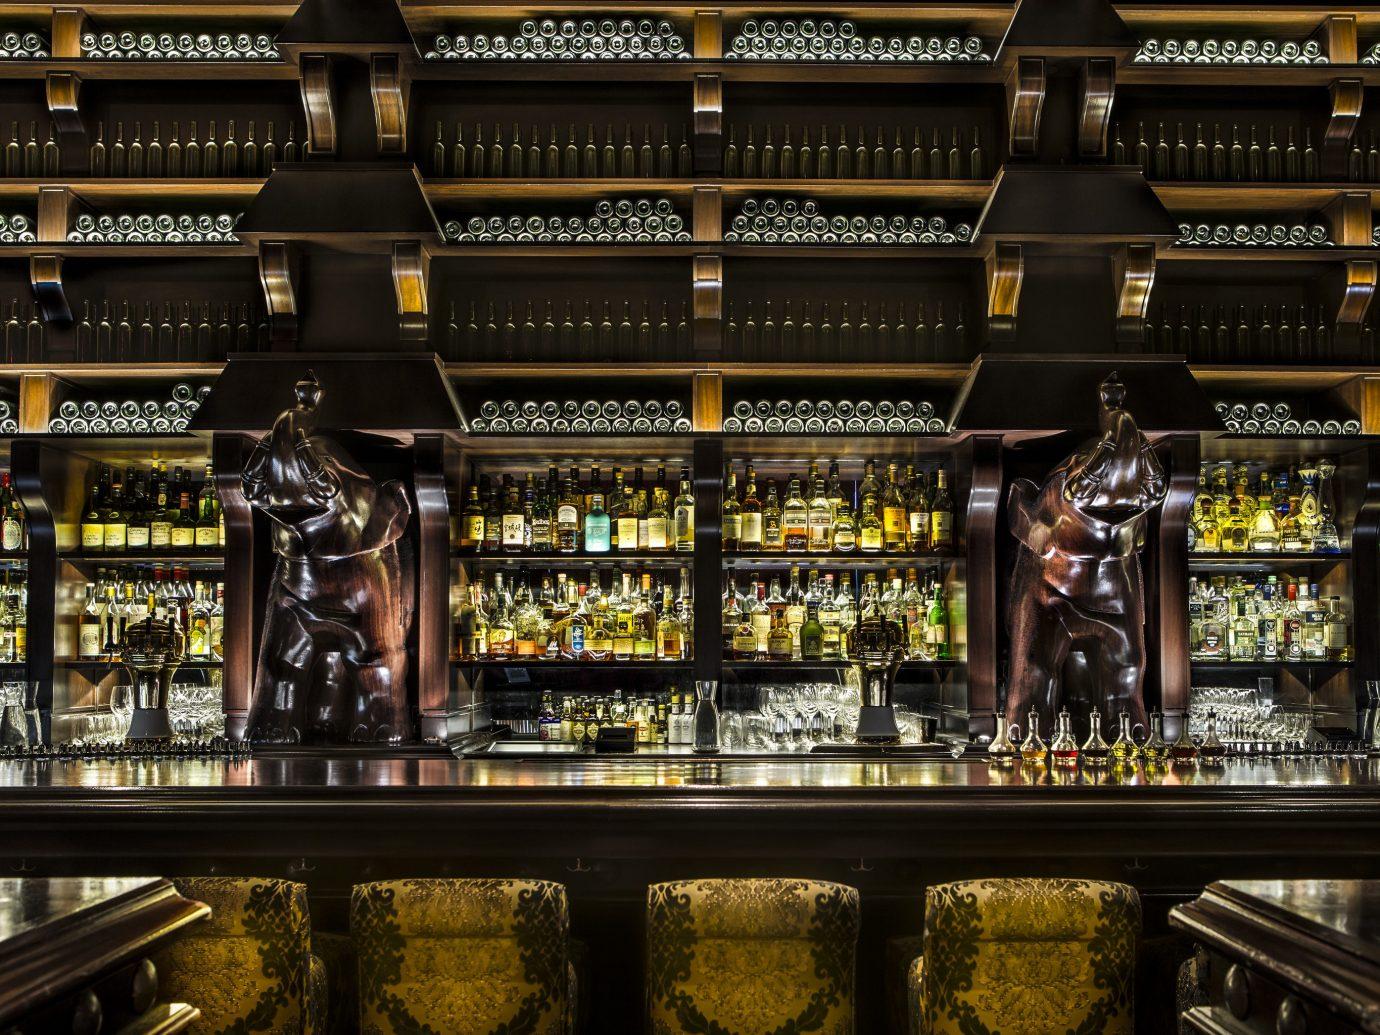 Offbeat Style + Design indoor building liquor store shelf Bar store beer bunch several